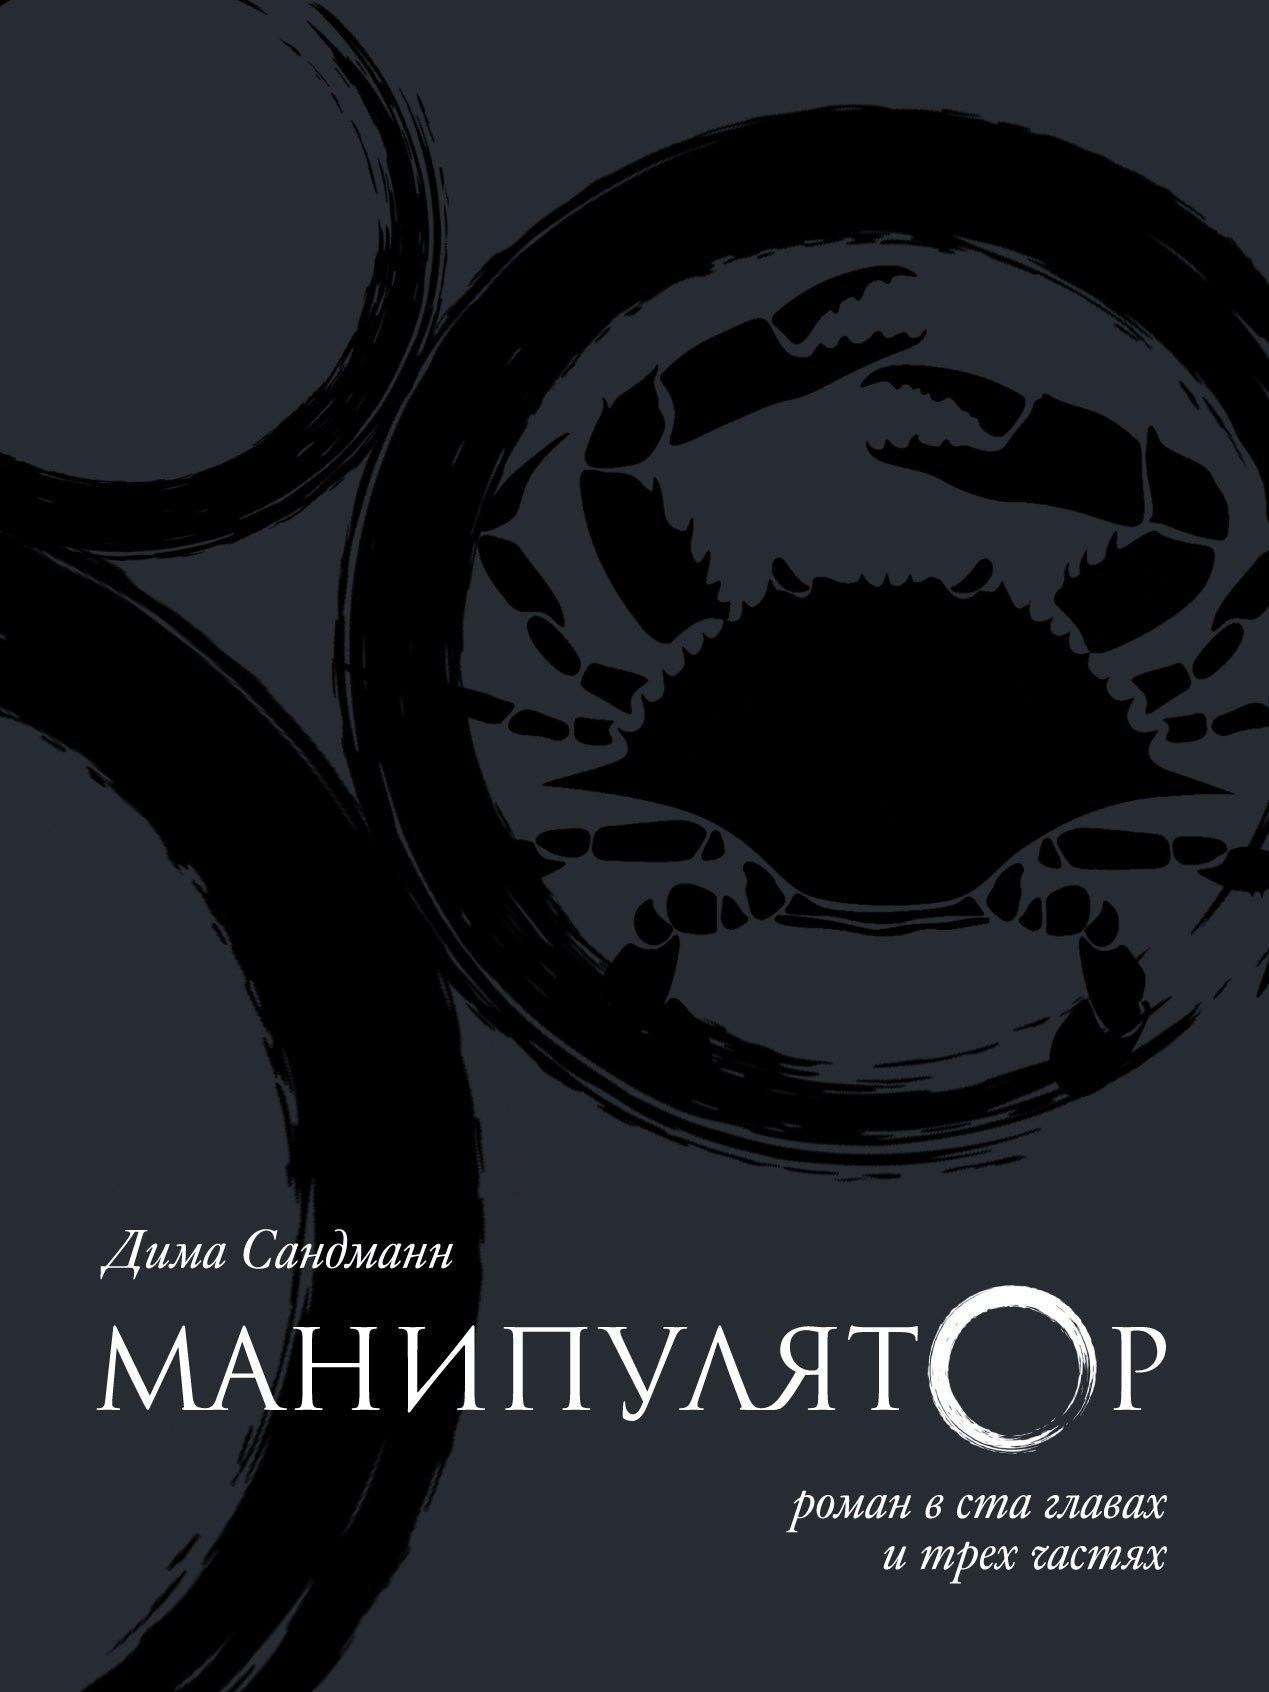 Дима Сандманн Манипулятор. Глава 049 дима сандманн манипулятор глава 046